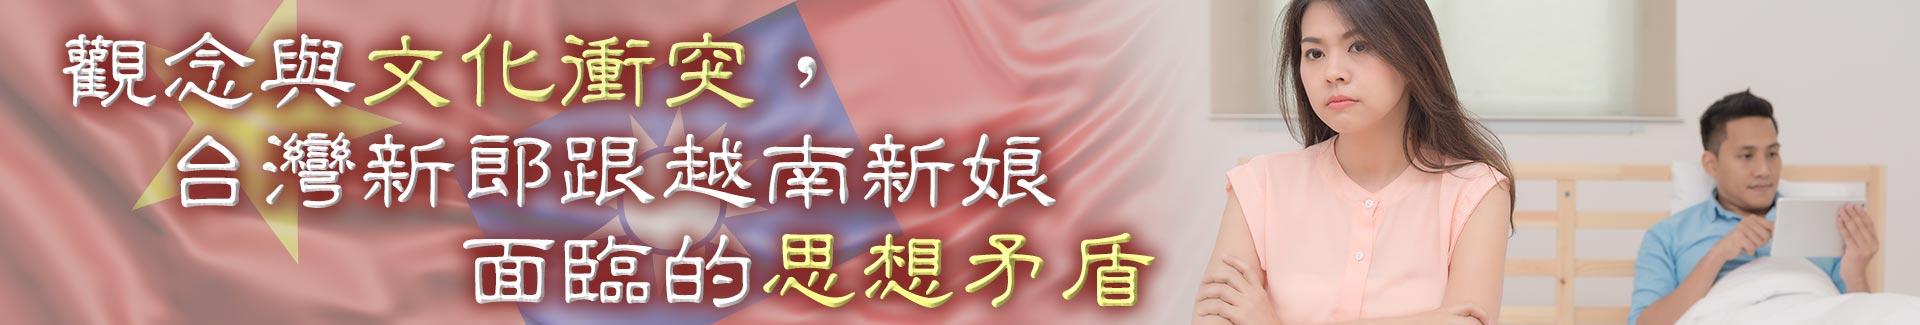 觀念與文化衝突,台灣新郎跟越南新娘面臨的思想矛盾